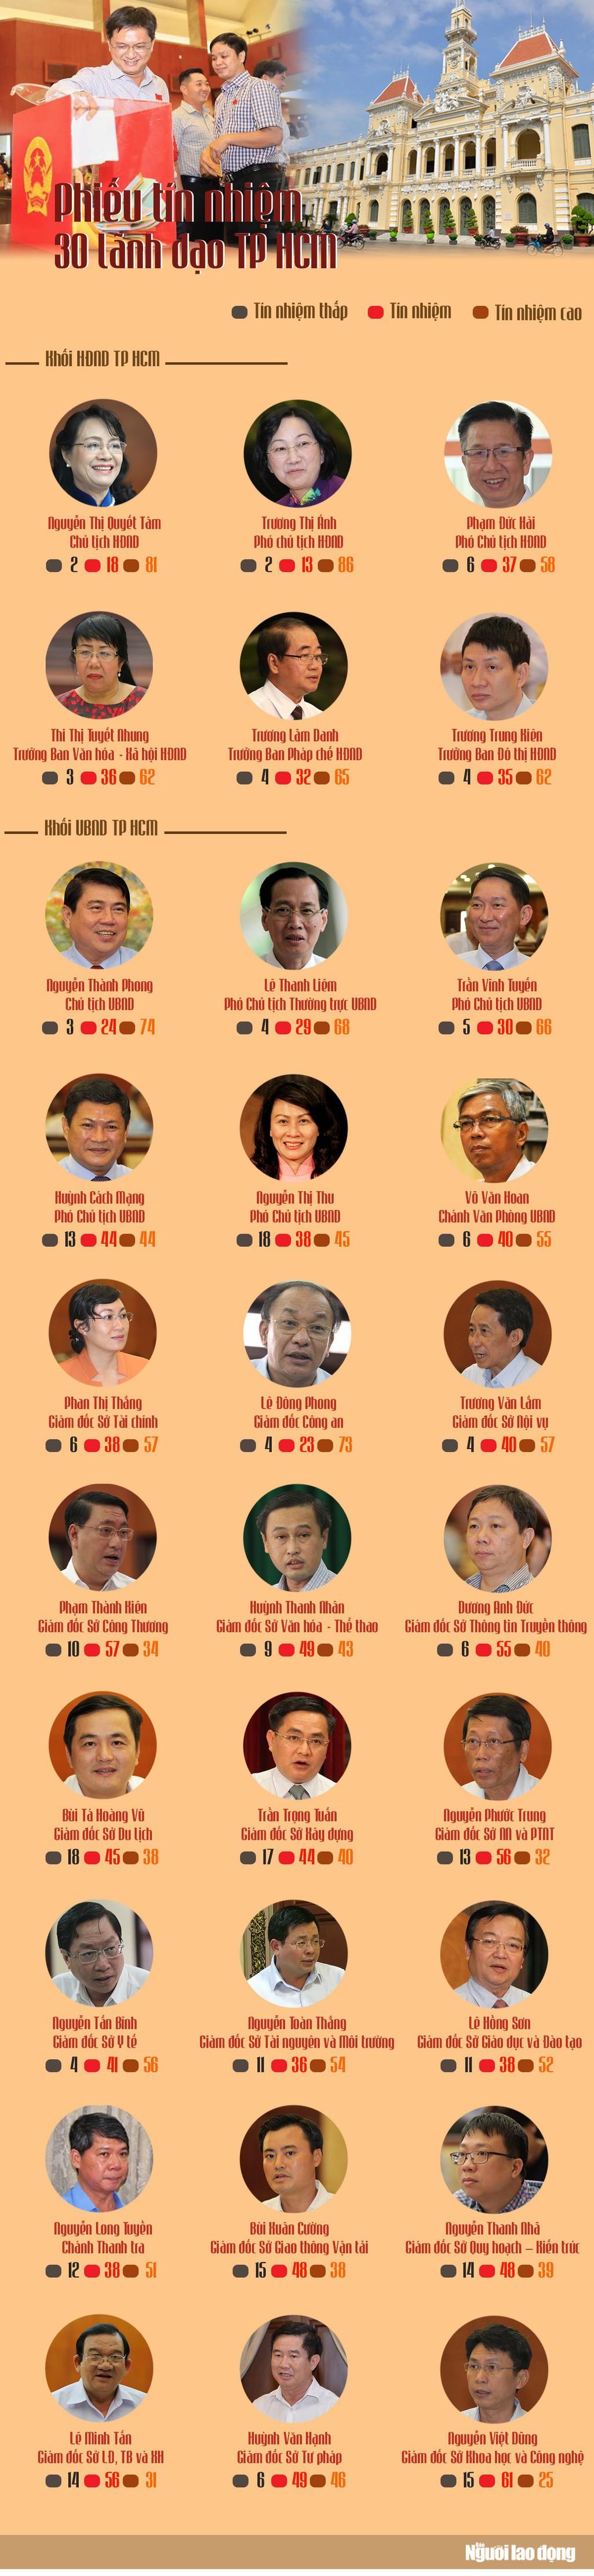 [Infographic] Kết quả phiếu tín nhiệm 30 lãnh đạo chủ chốt TP HCM - Ảnh 1.